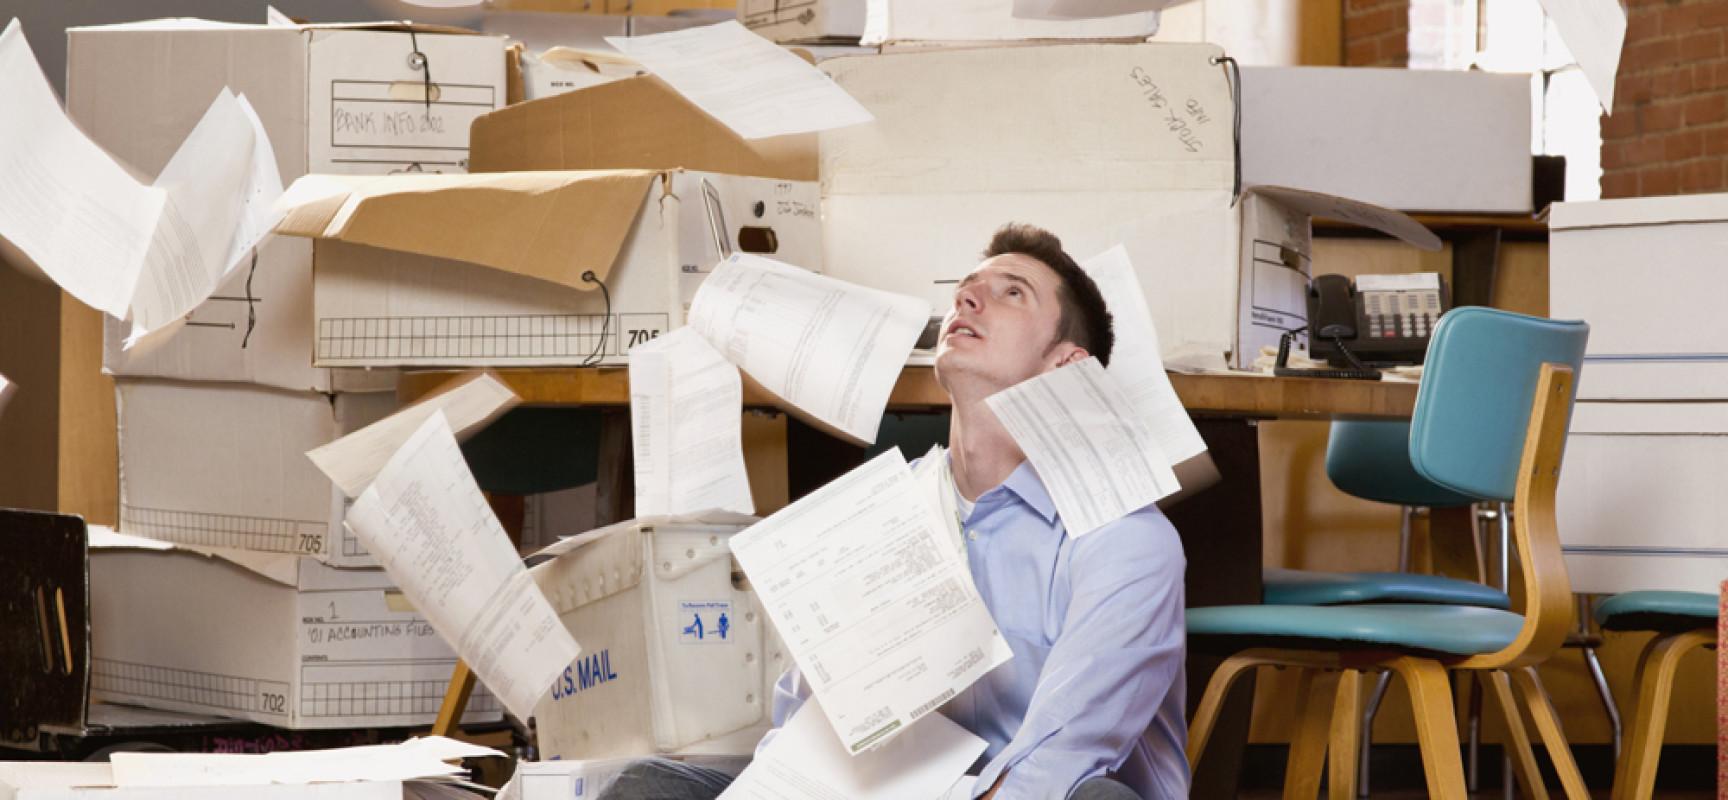 Как уволить за несоответствие занимаемой должности